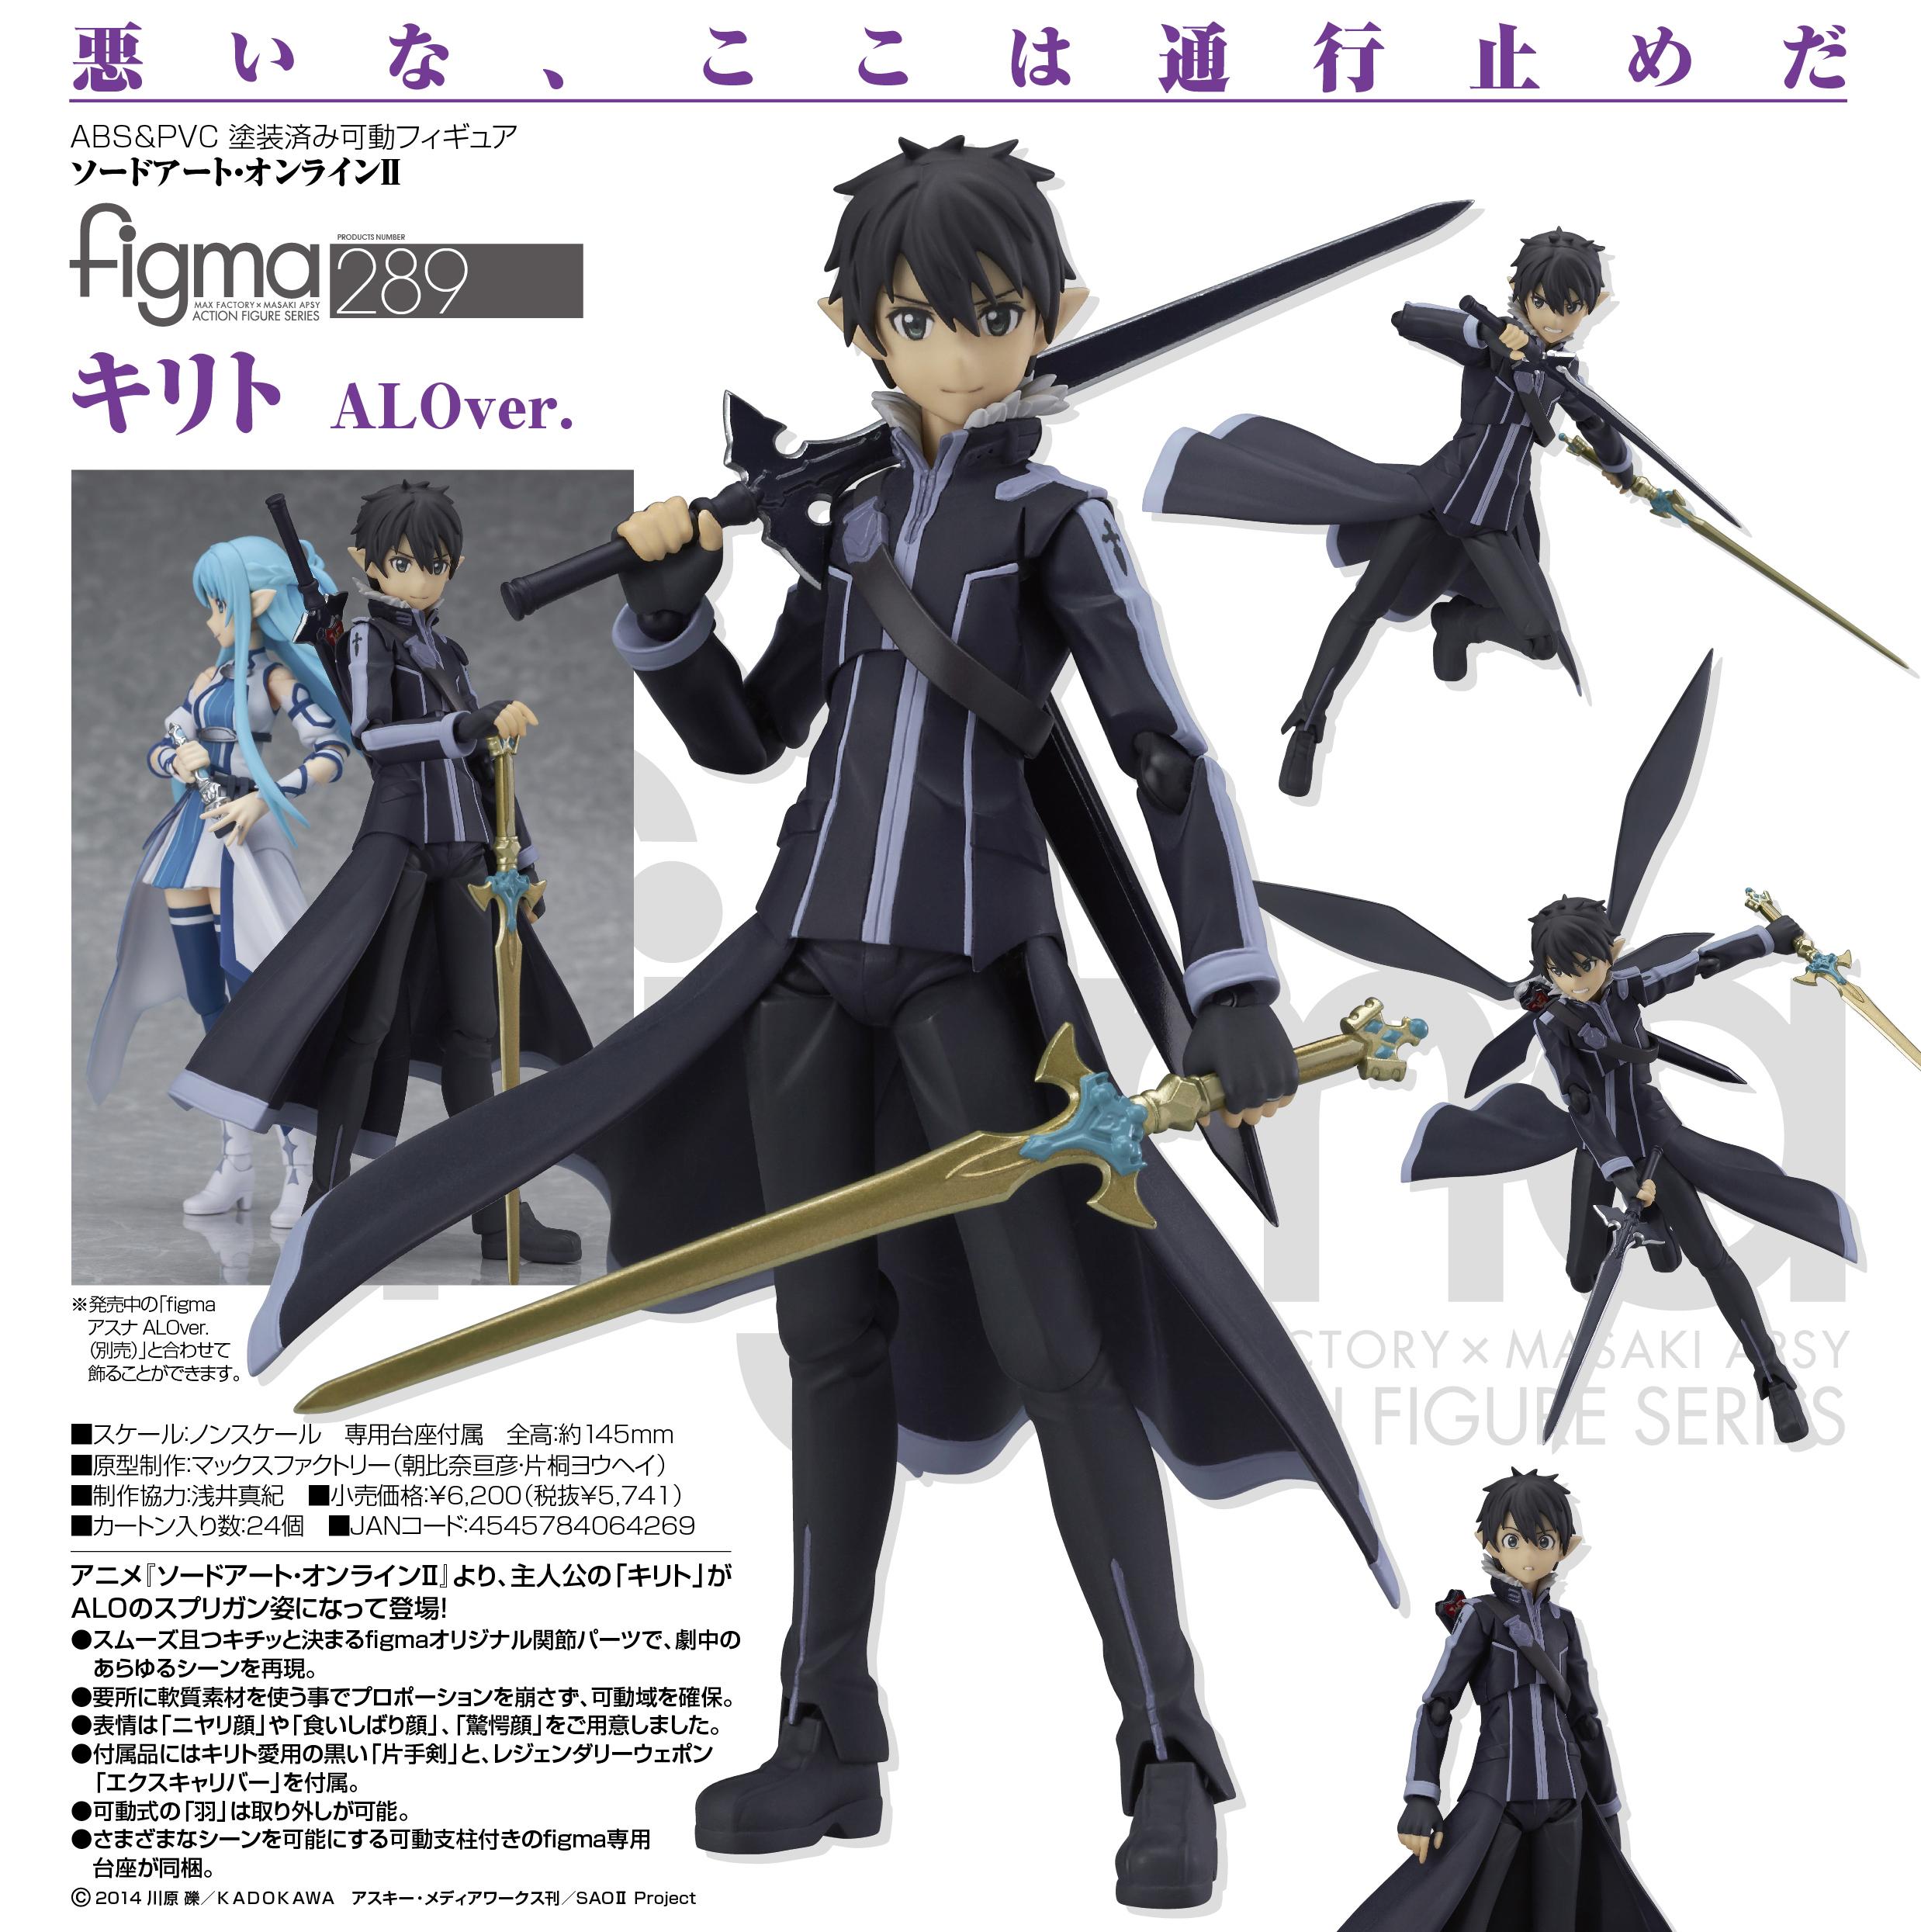 Action Figure Max Factory figma Sword Art Online II Kirito ALOver